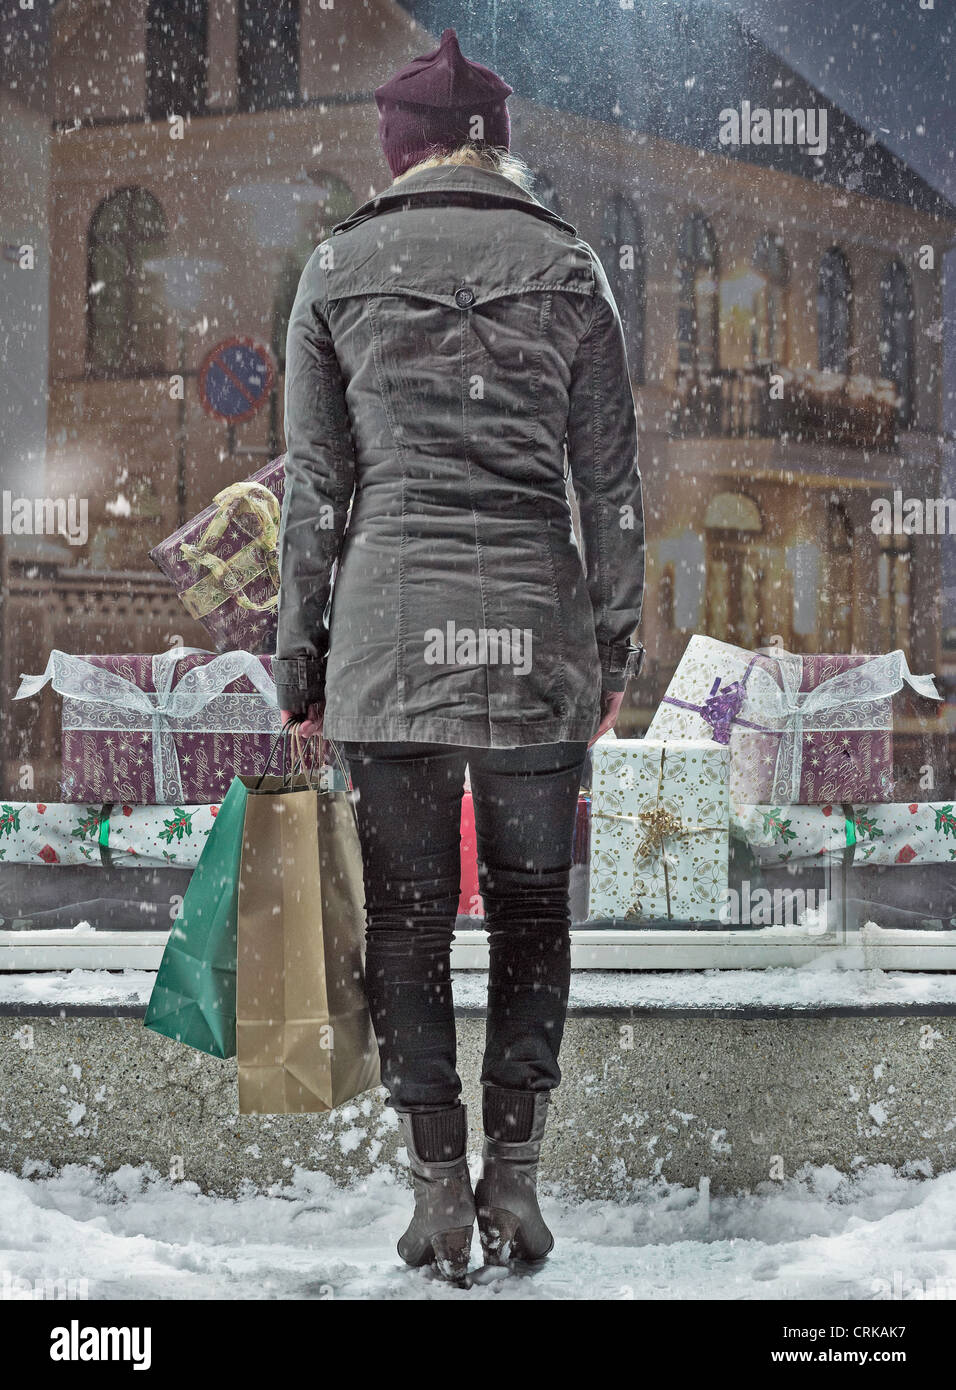 Frau Einkaufstaschen im Schnee Stockfoto